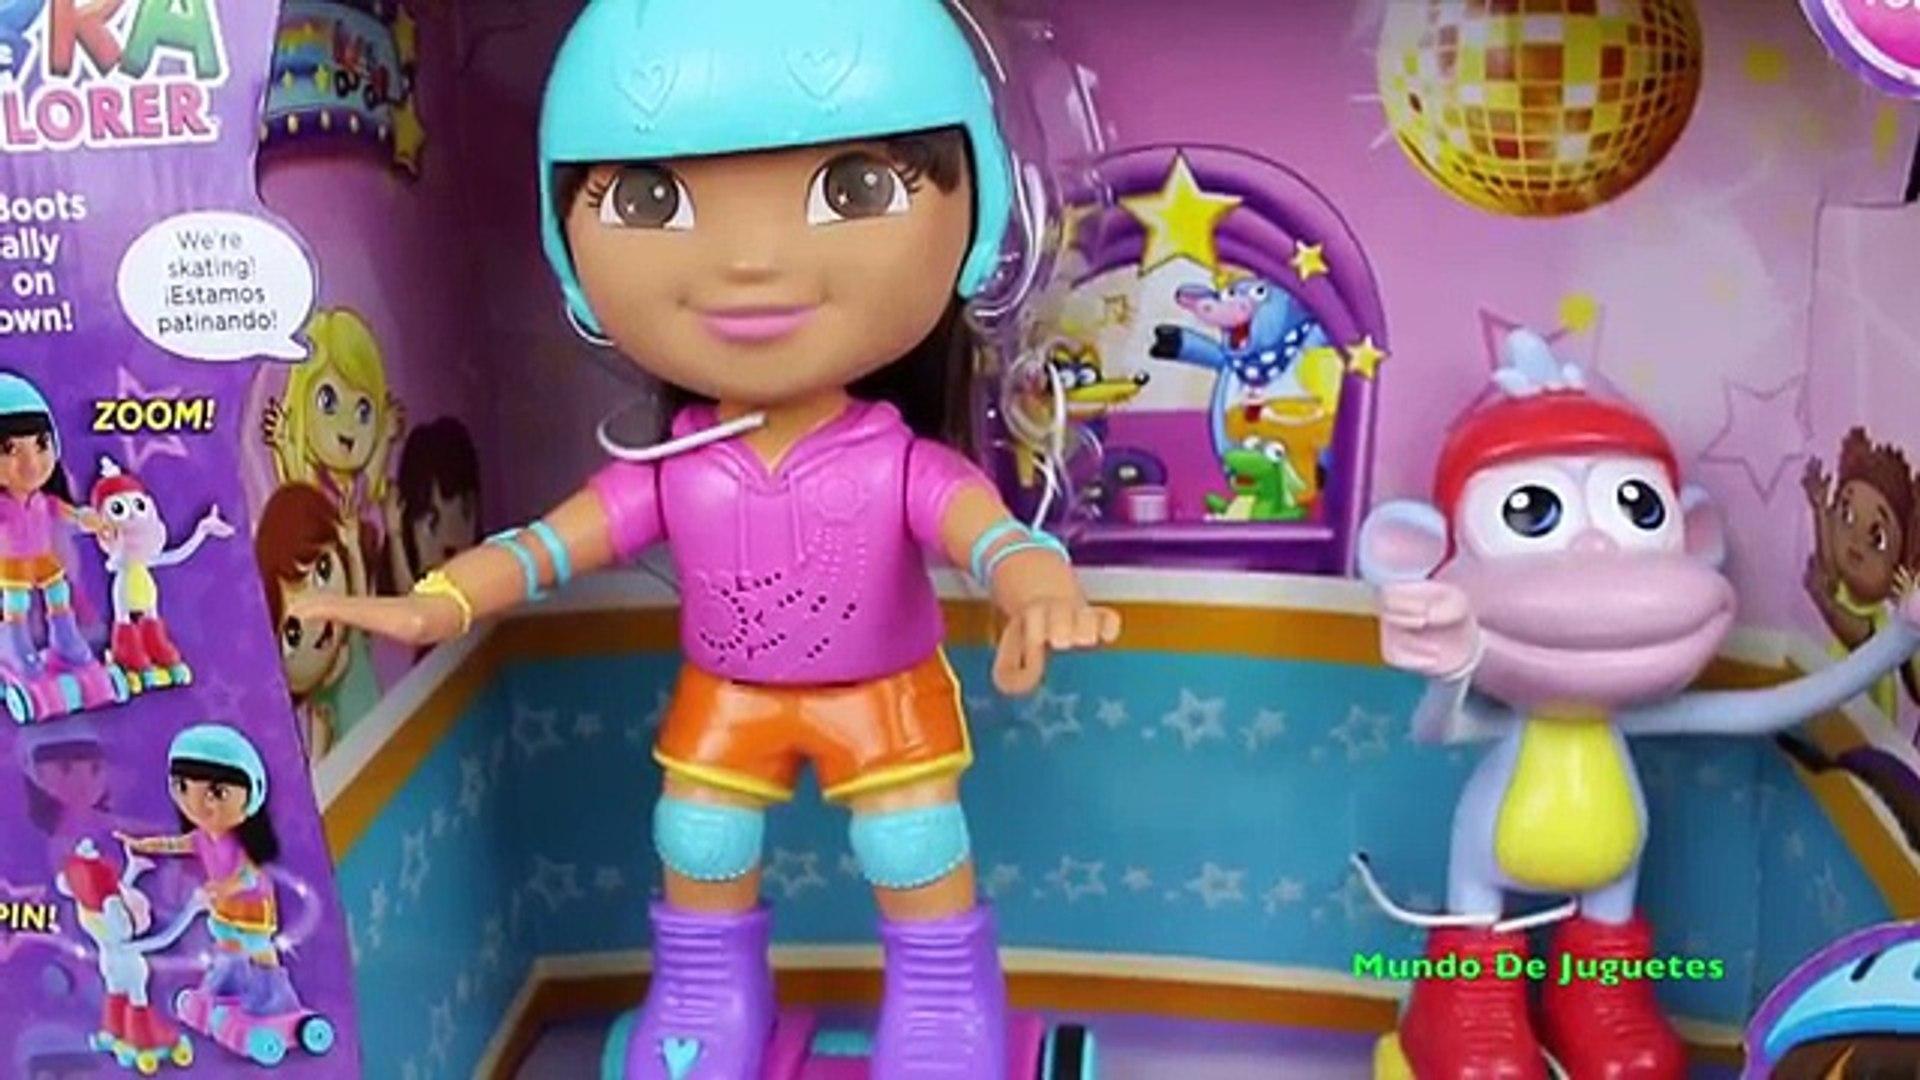 Juguetes Exploradora De Patinadoraskateamp; La Dora Spin Boots Tl1JcKF